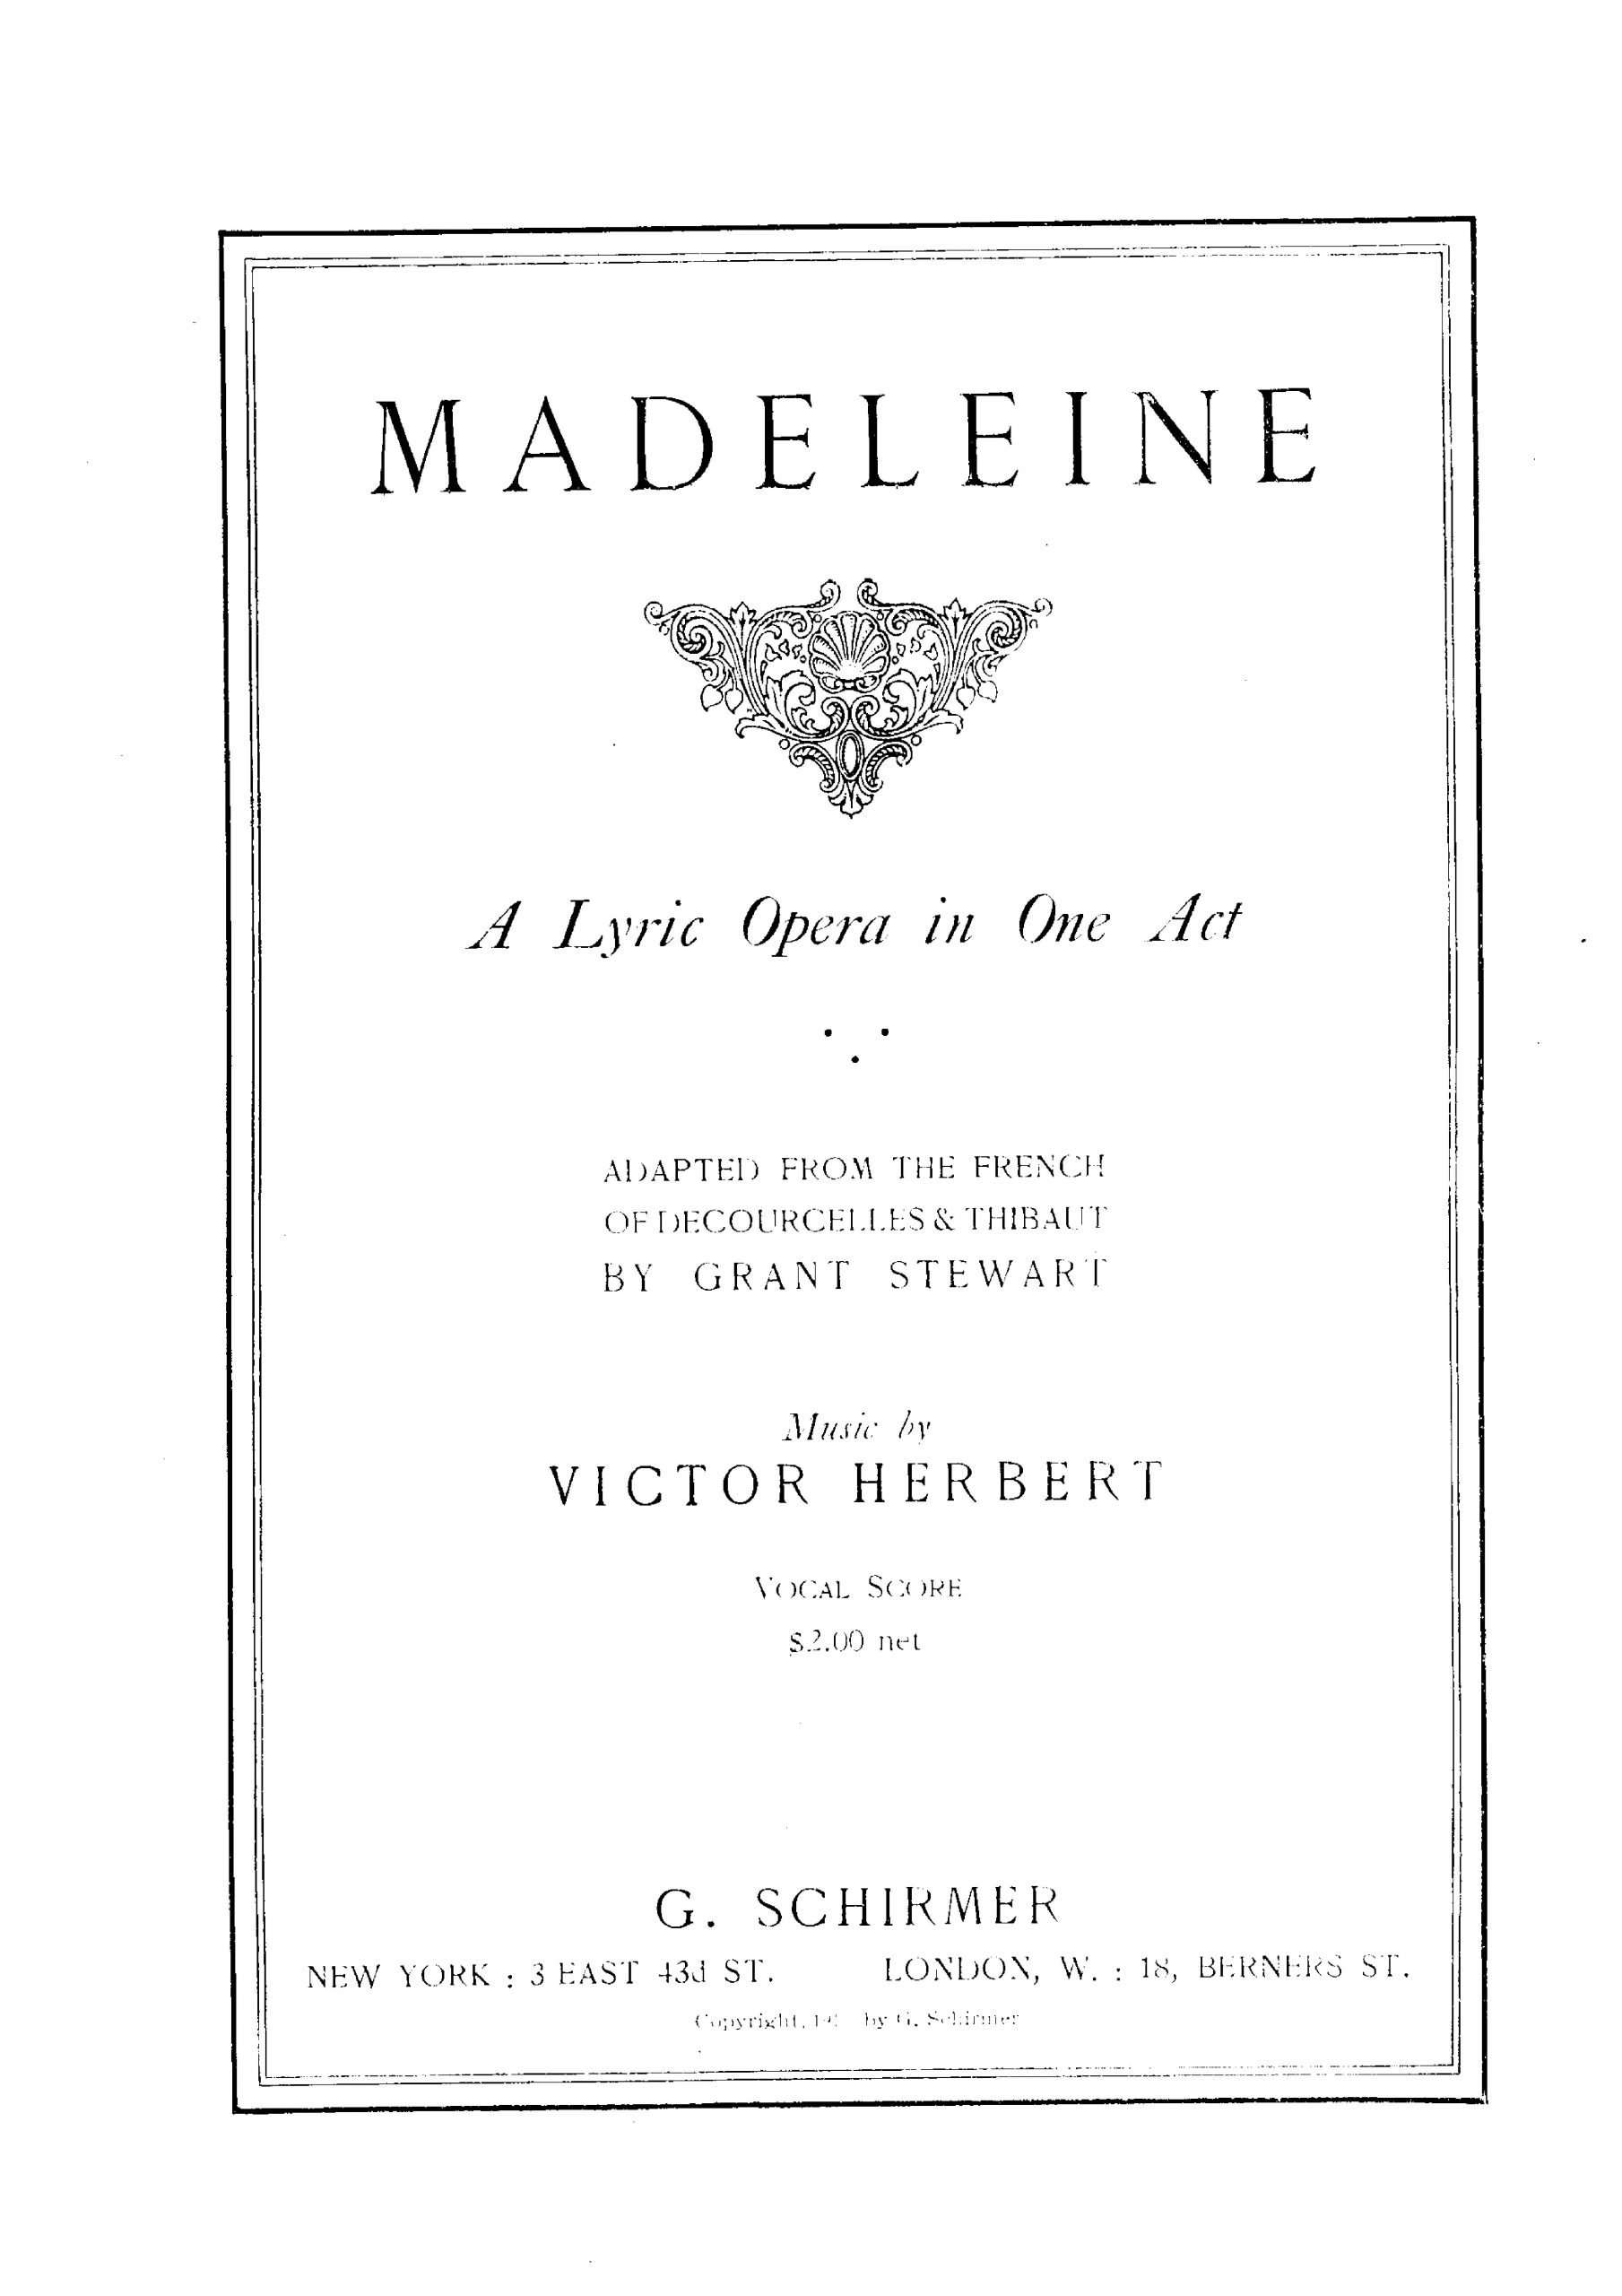 Herbert, Victor - Madeleine